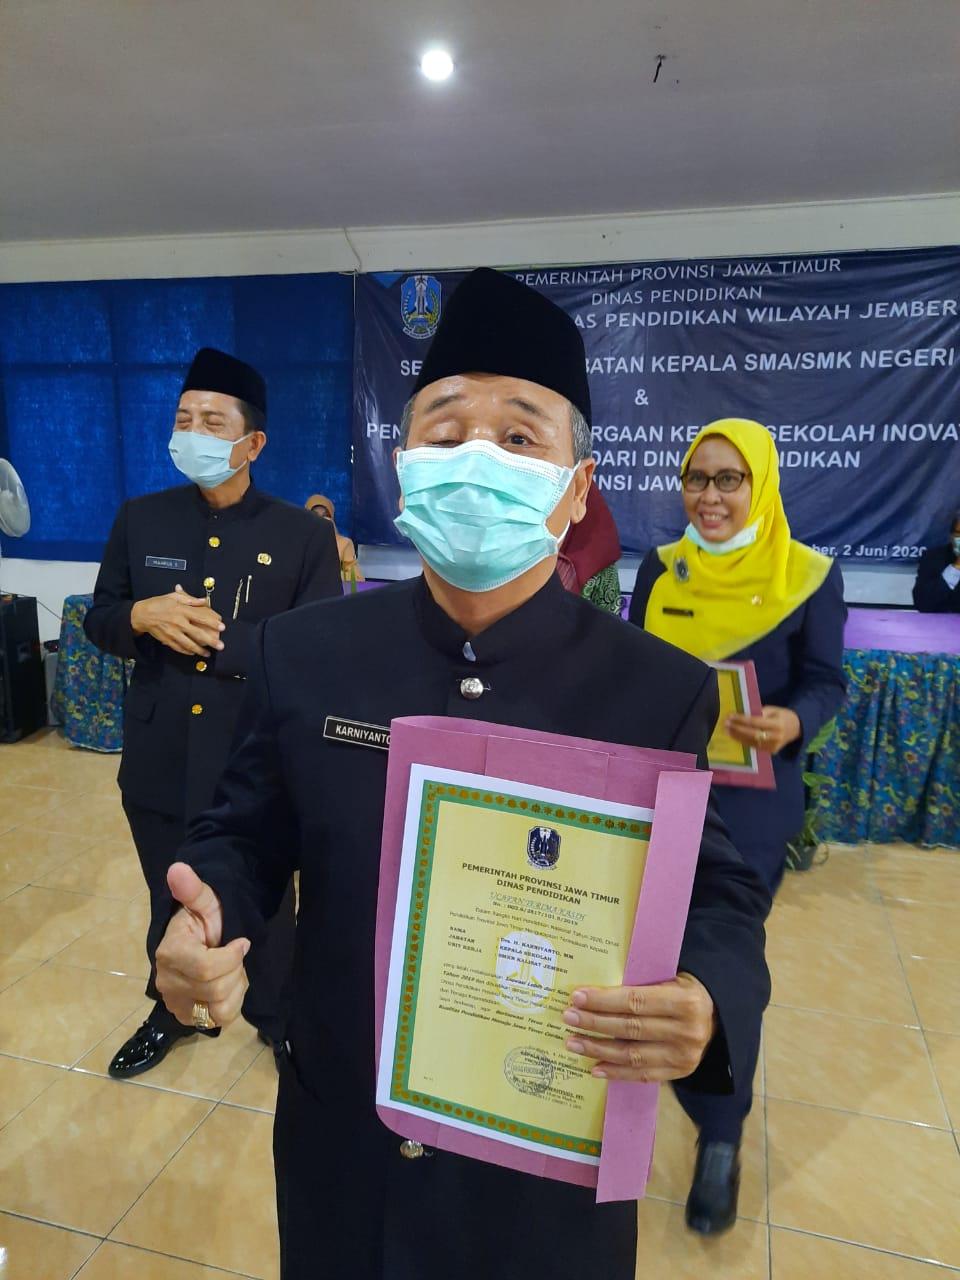 Penghargaan Kepala Sekolah Inovatif